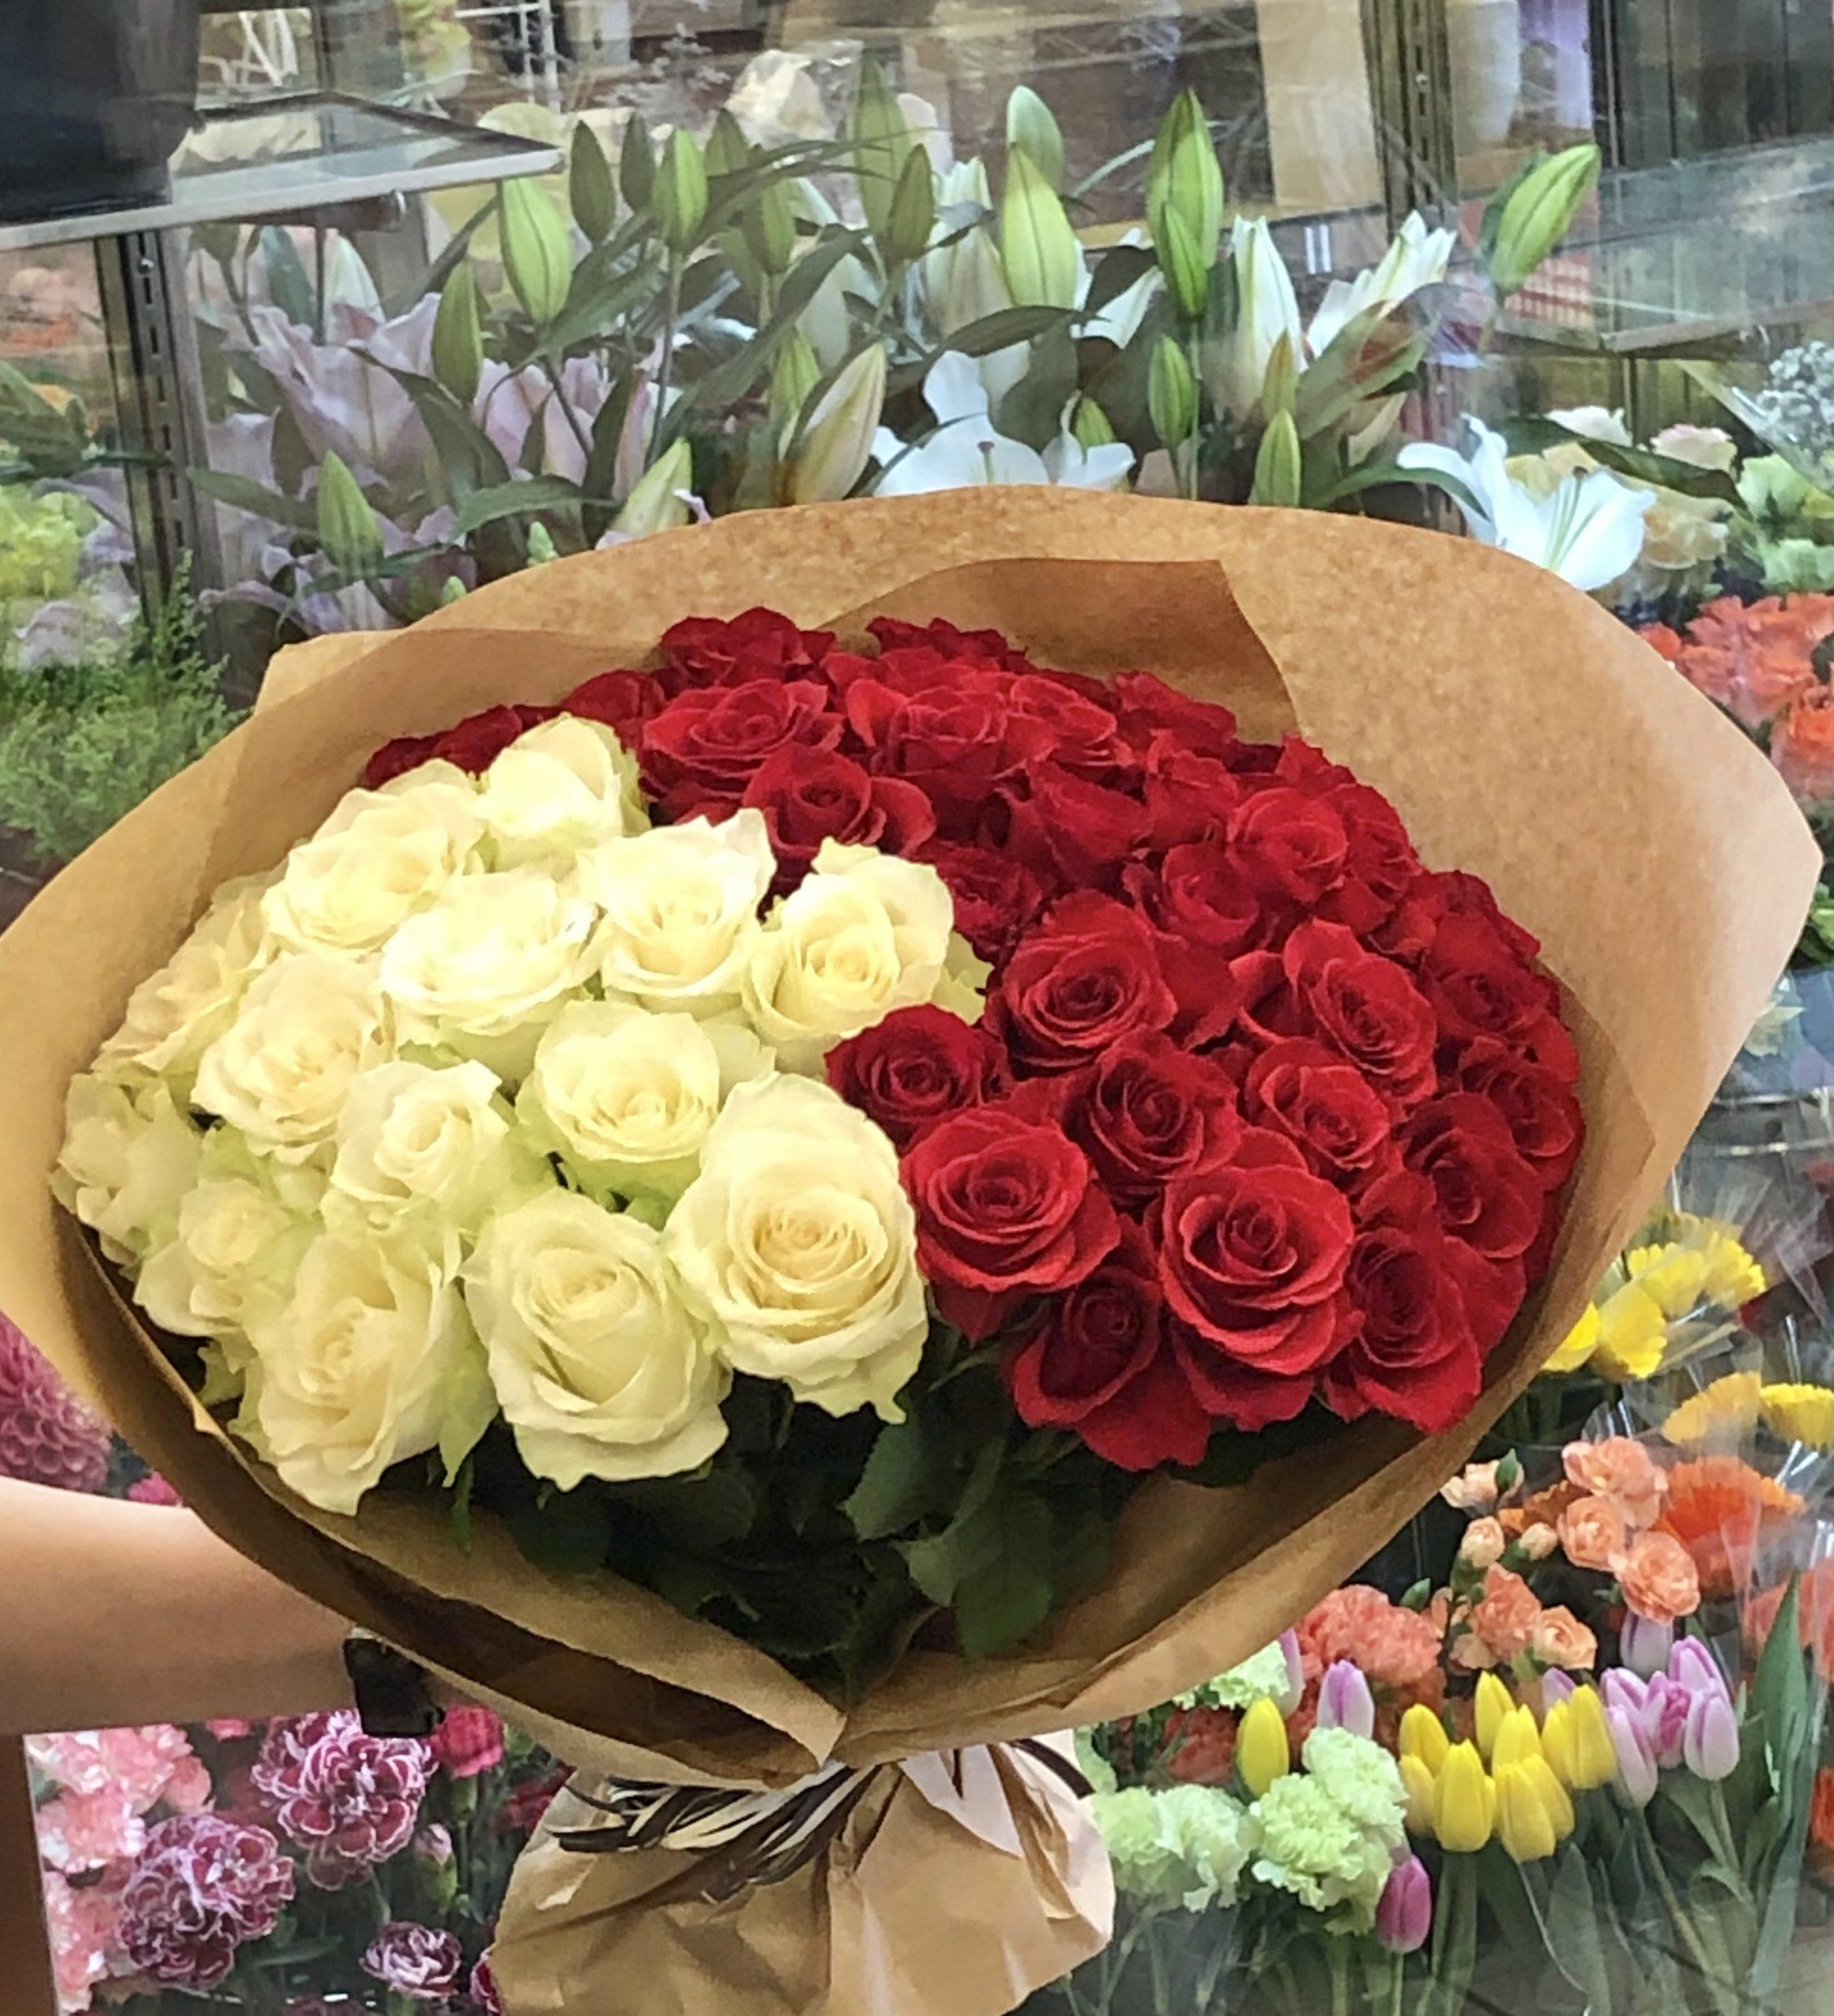 横浜市中区柏葉へバラの花束50本を即日当日配達しました。【横浜花屋の花束・スタンド花・胡蝶蘭・バルーン・アレンジメント配達事例623】